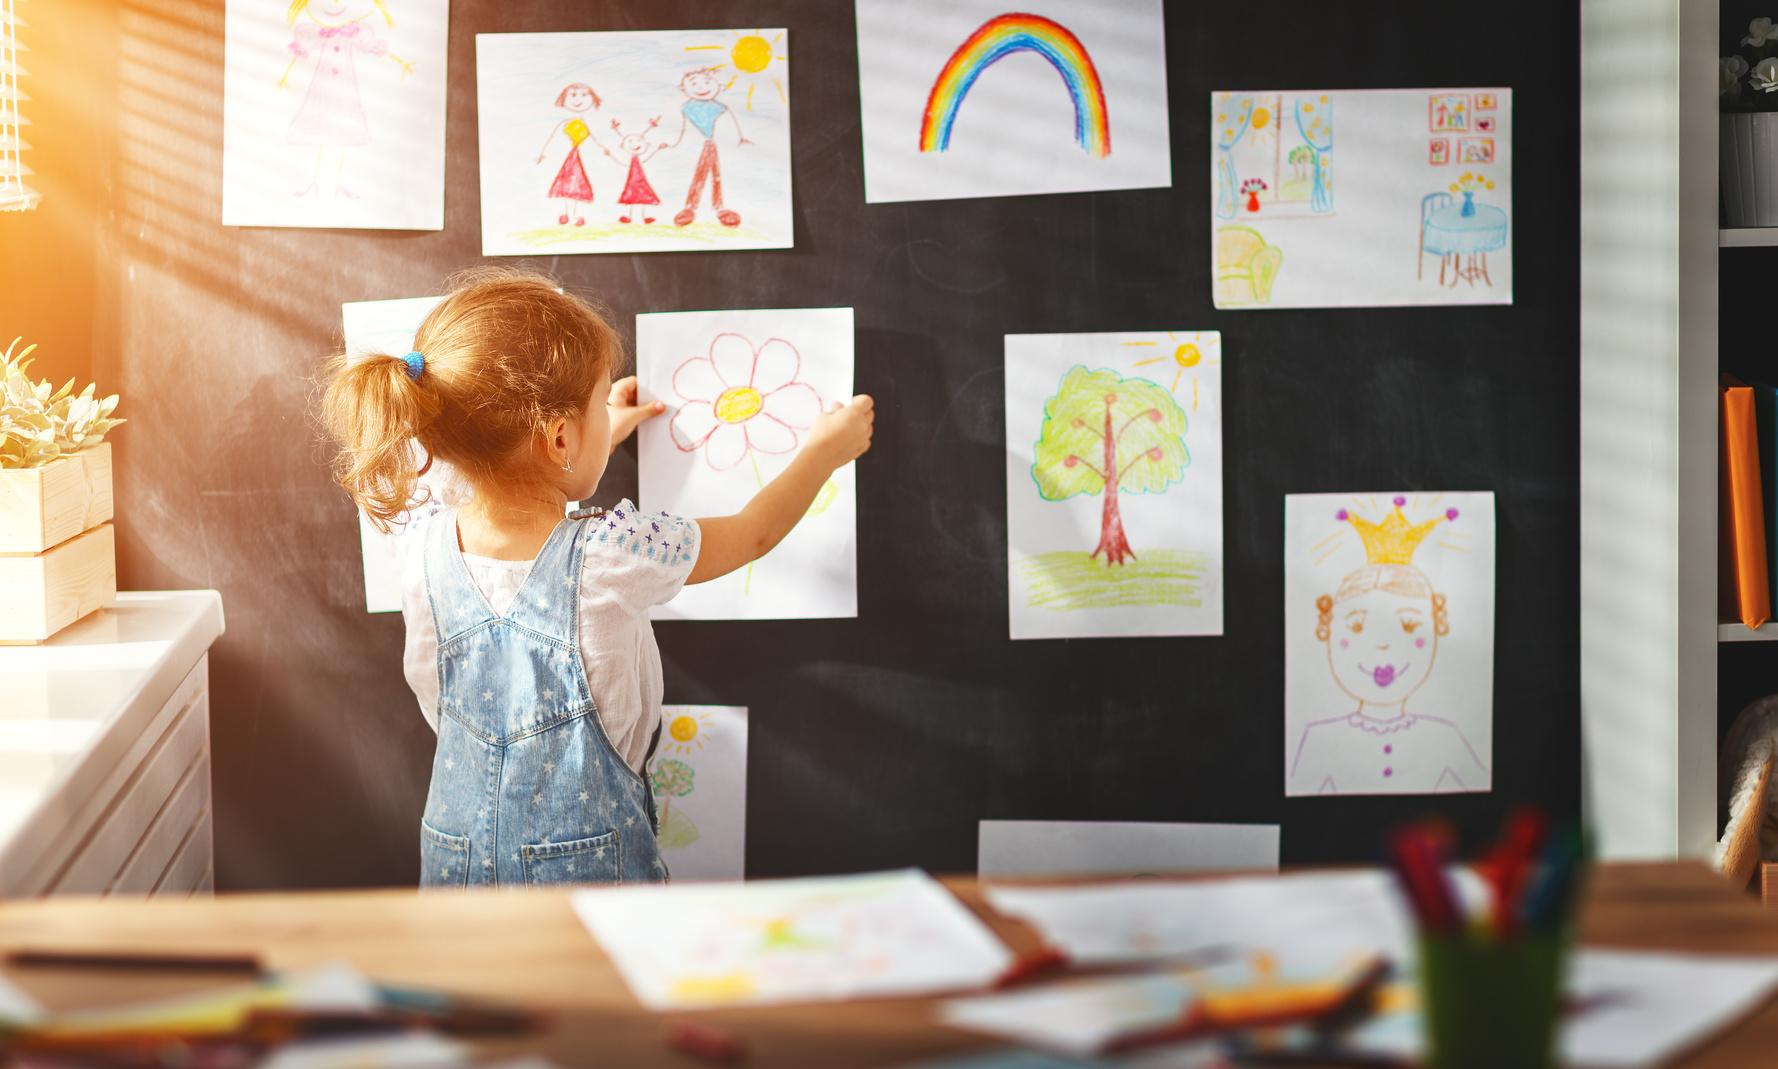 Kleines Mädchen hängt selbstgemalte Bilder an die Wand.